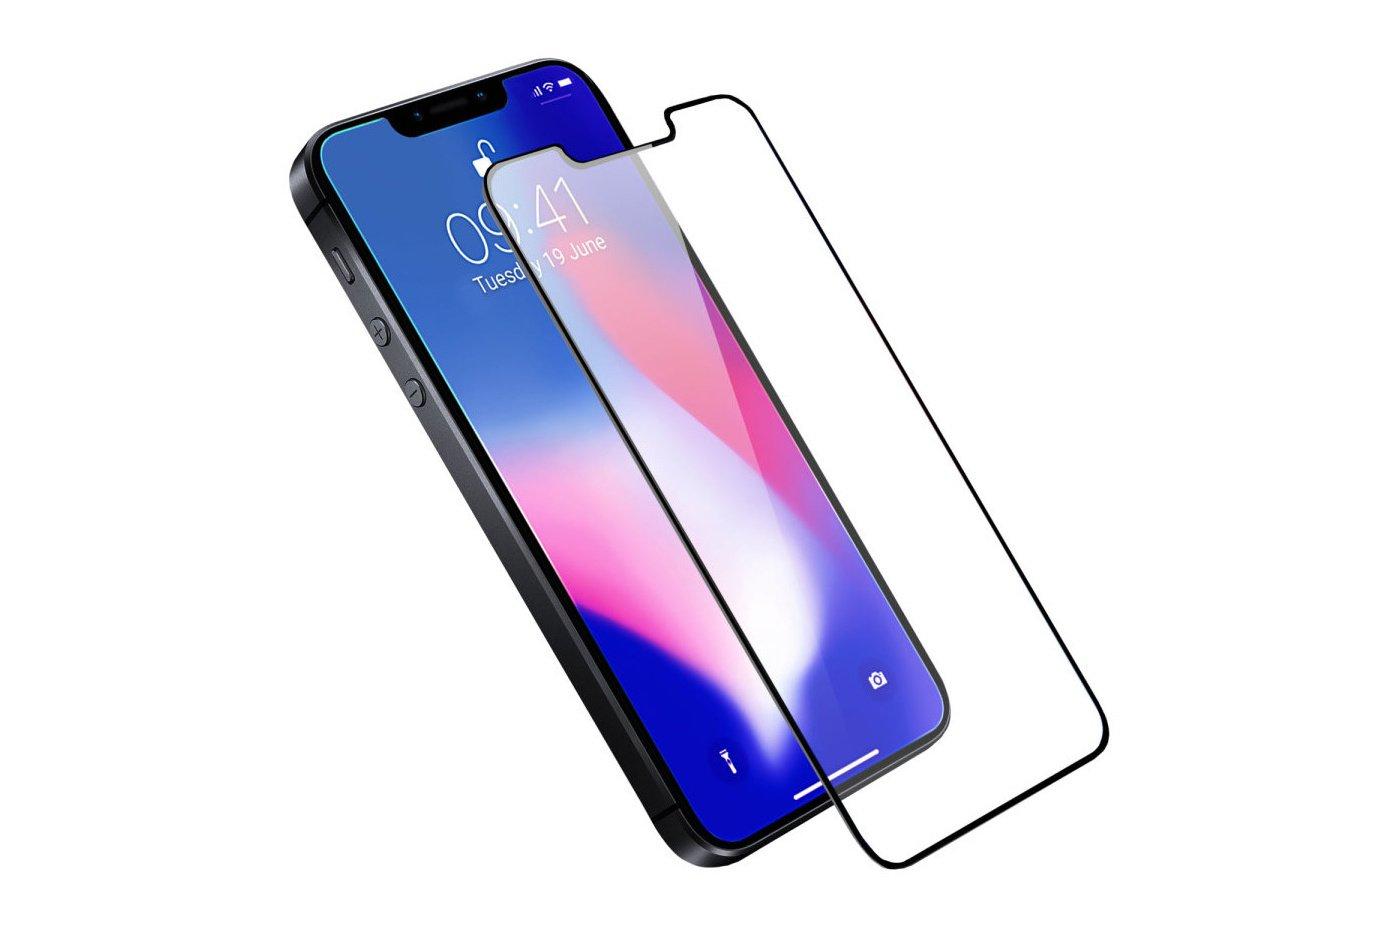 Производитель чехлов Olixar уже знает дизайн iPhoneSE 2